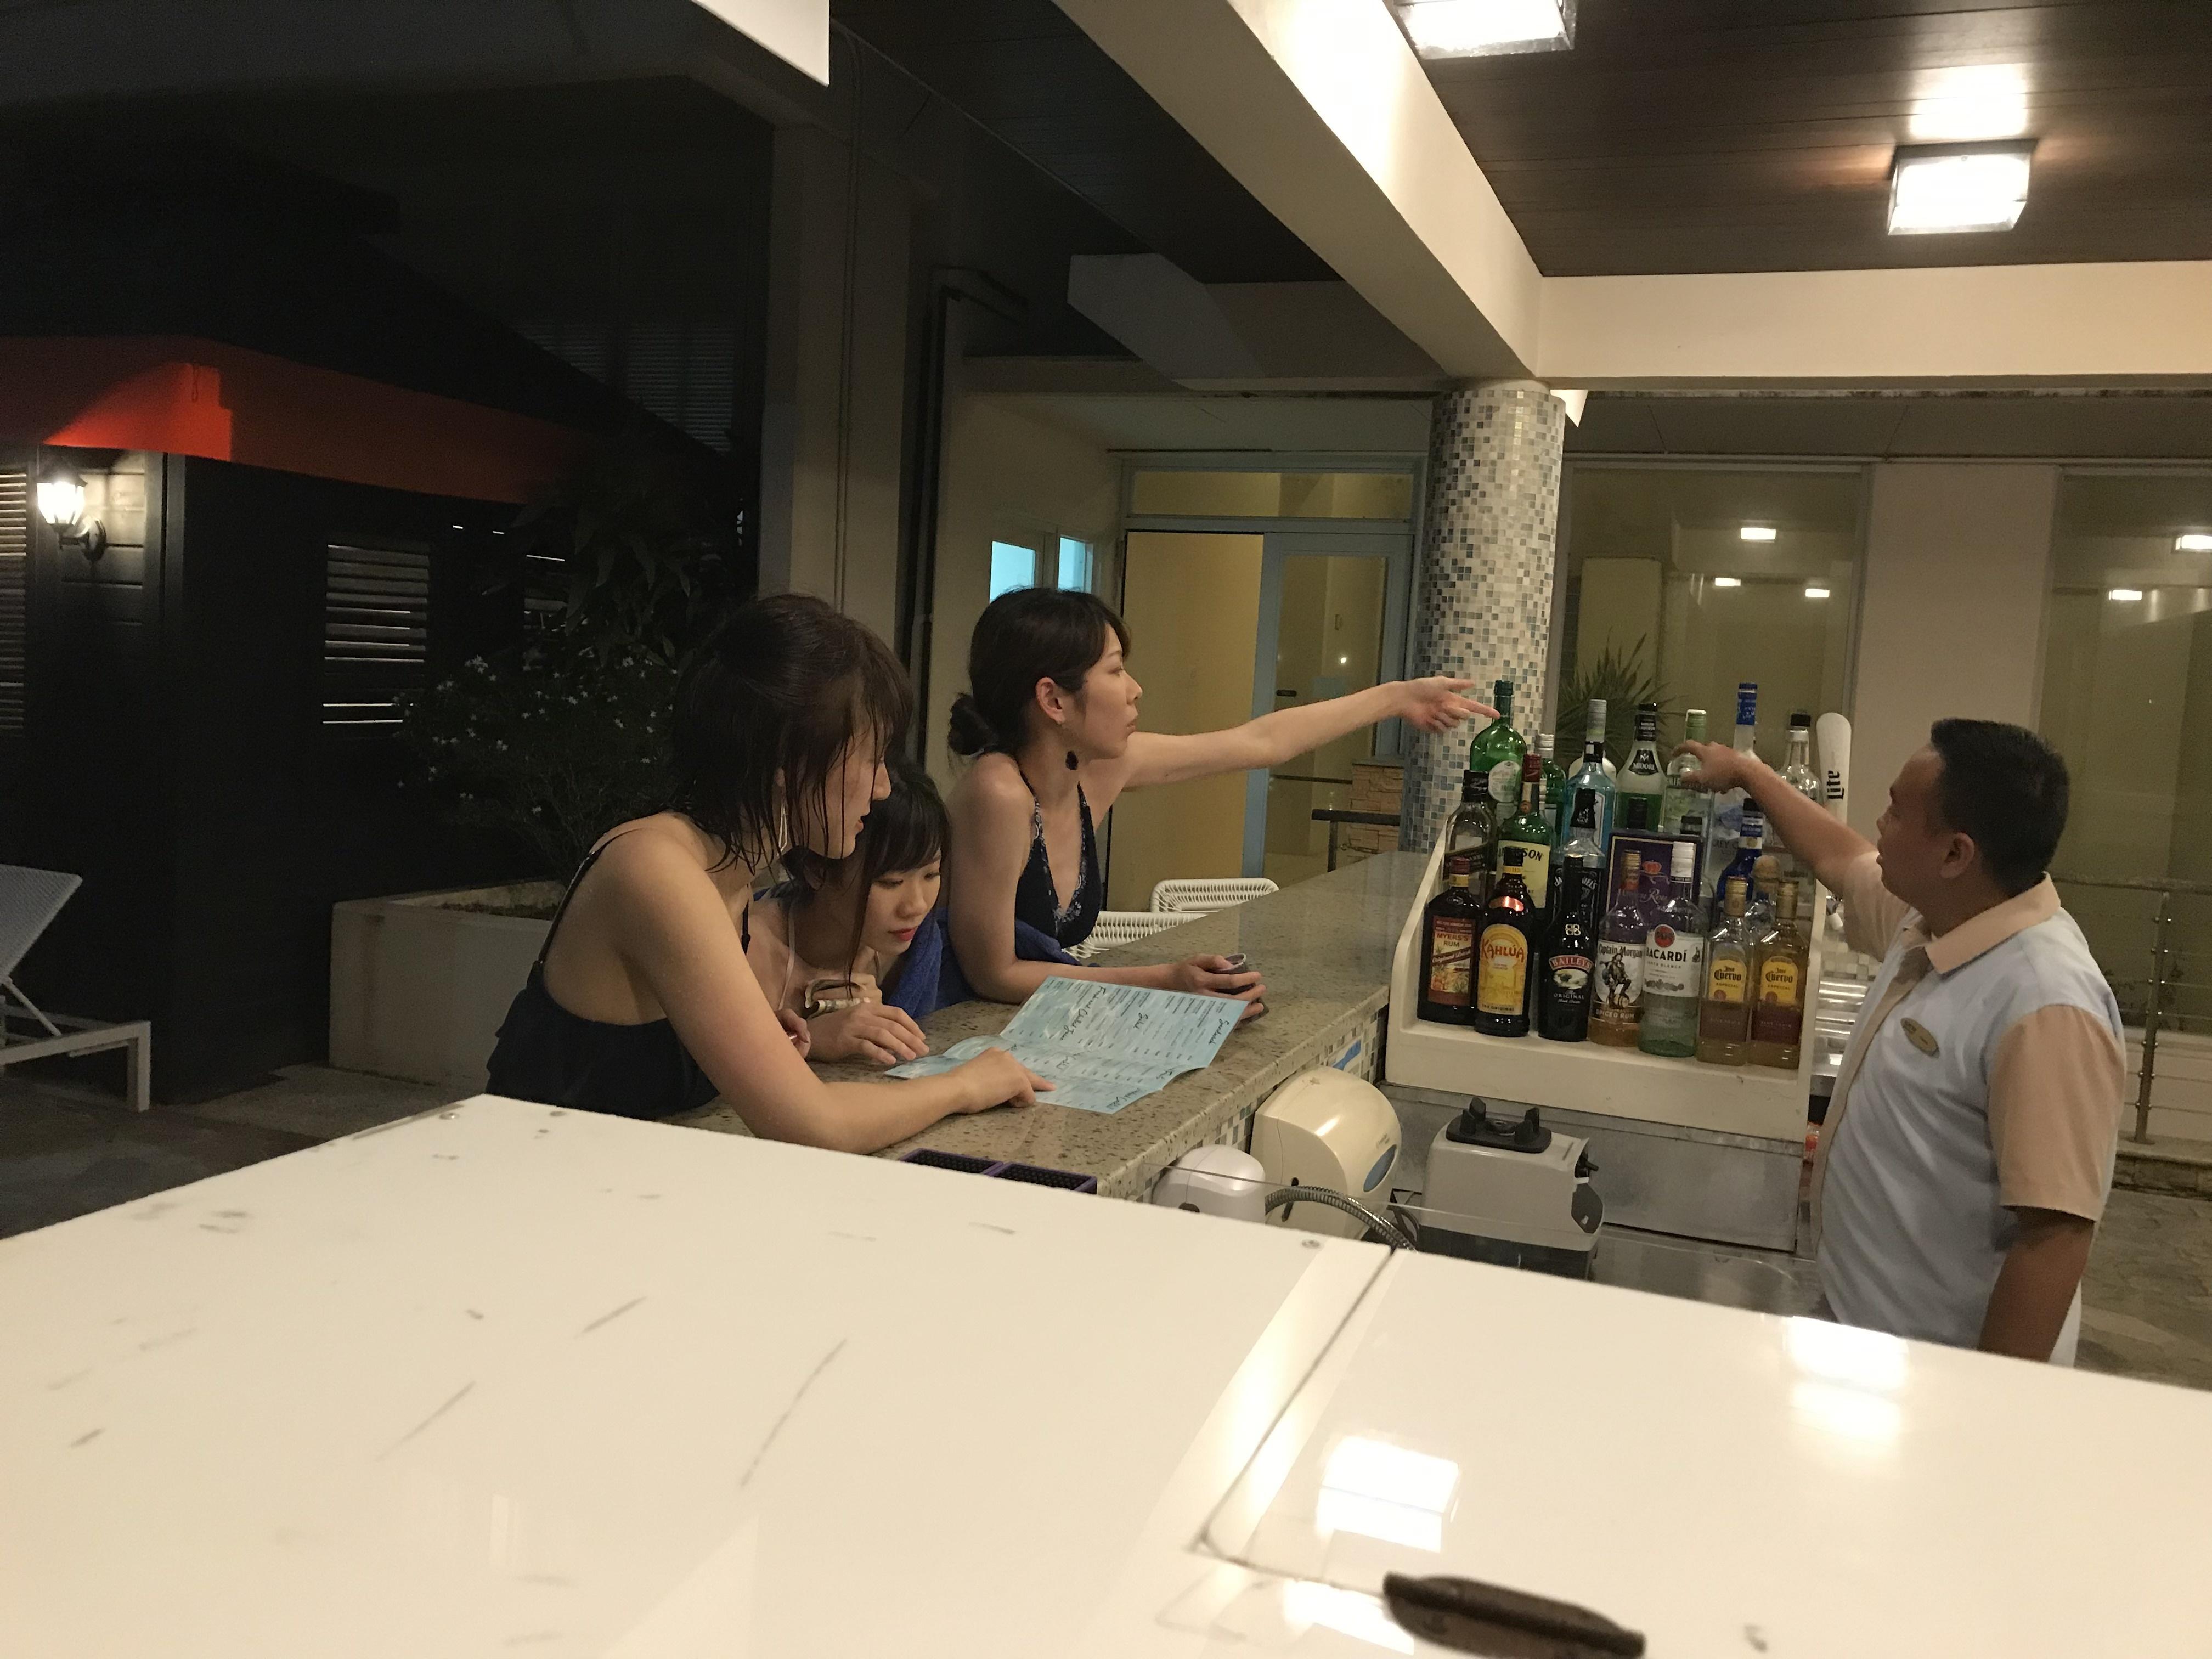 【グアム旅行⑥】ホテル・プール編_1_6-3